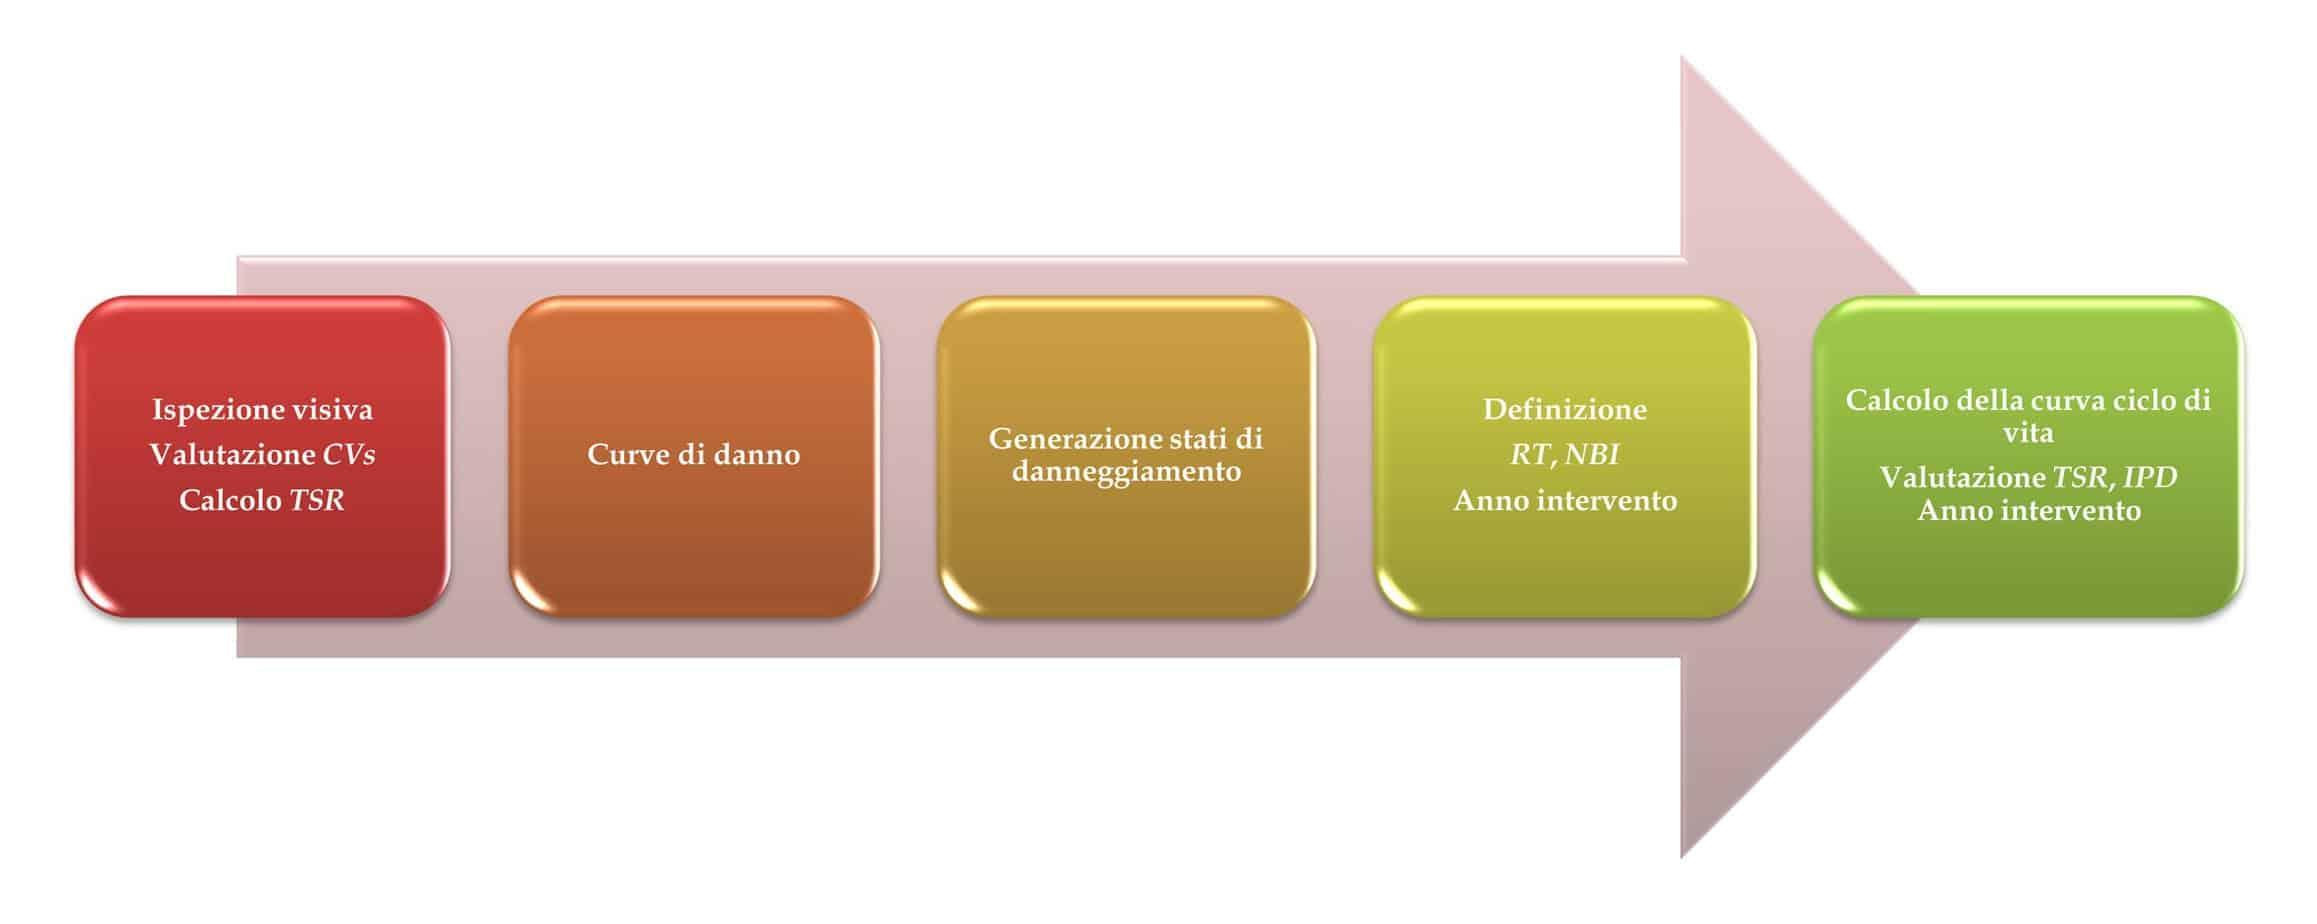 La rappresentazione del diagramma di flusso utilizzato dall'applicativo